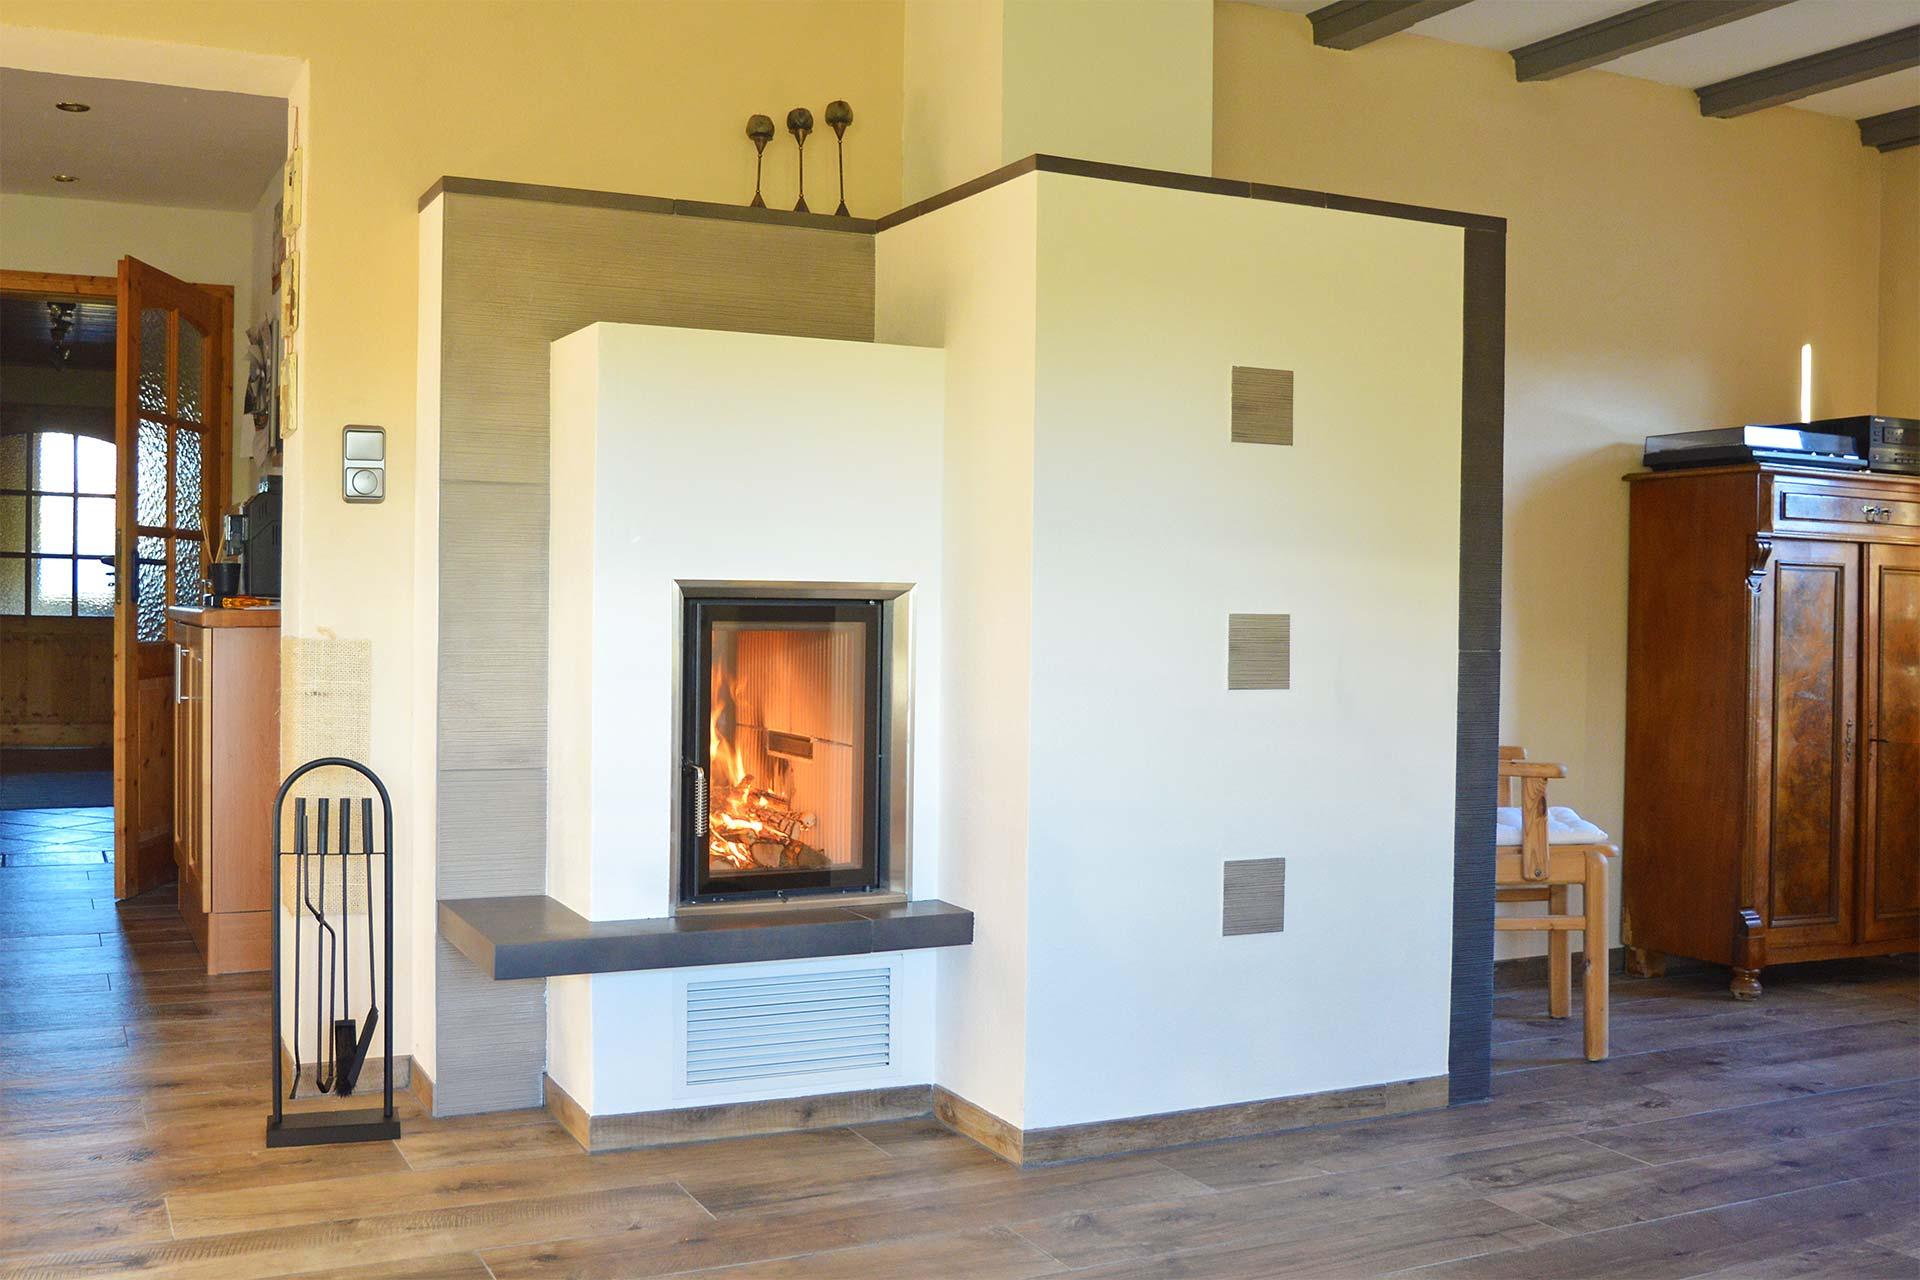 Referenz Ofen- und Kaminbau, Bild 0640